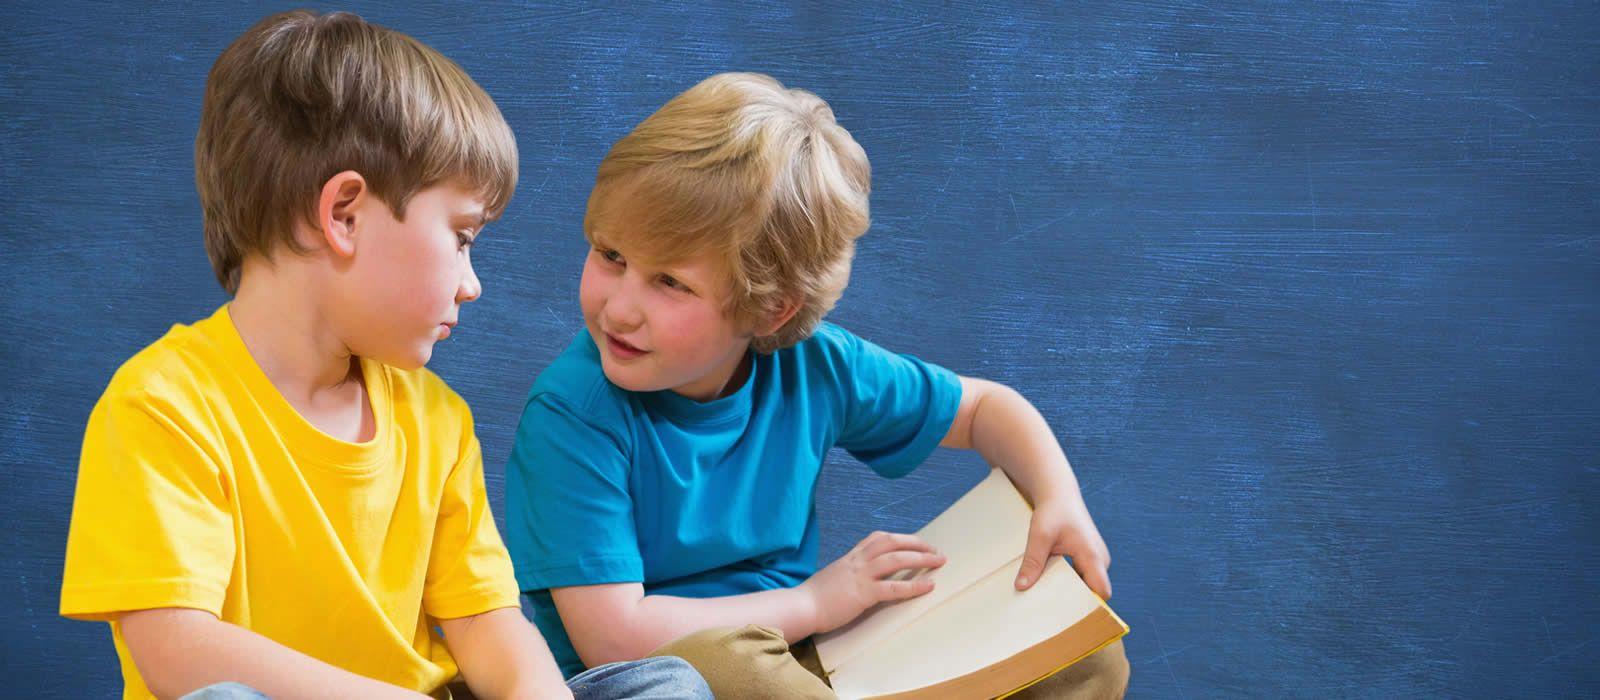 Trastorno Específico del Lenguaje TEL, 5 puntos clave